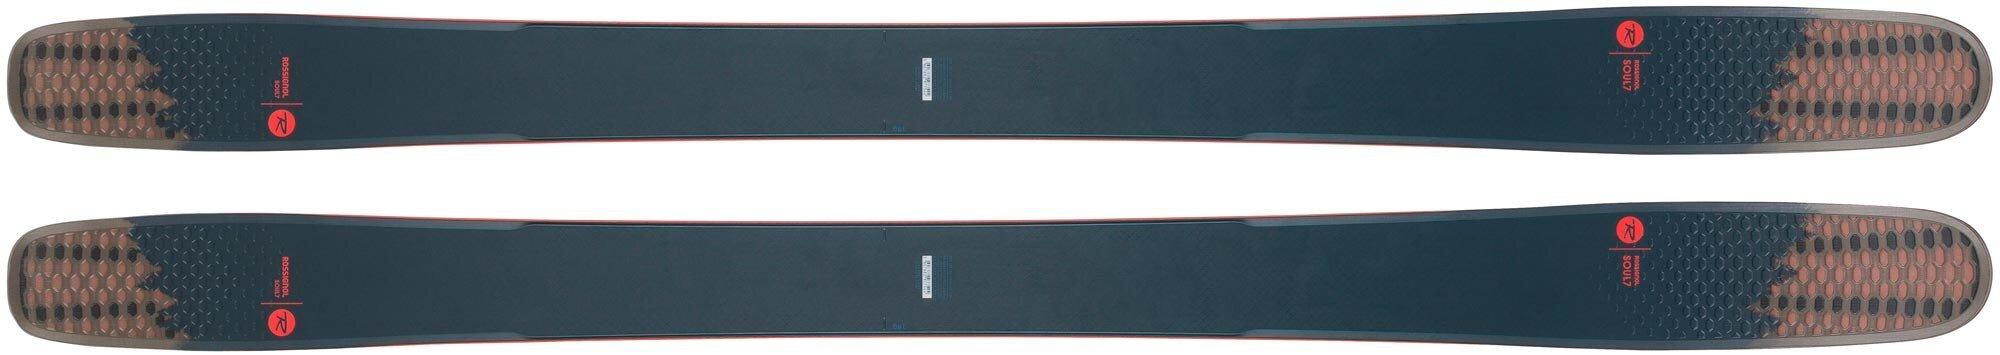 Rossignol Soul 7 HD available in 156cm, 164cm, 172cm, 180cm, 188cm